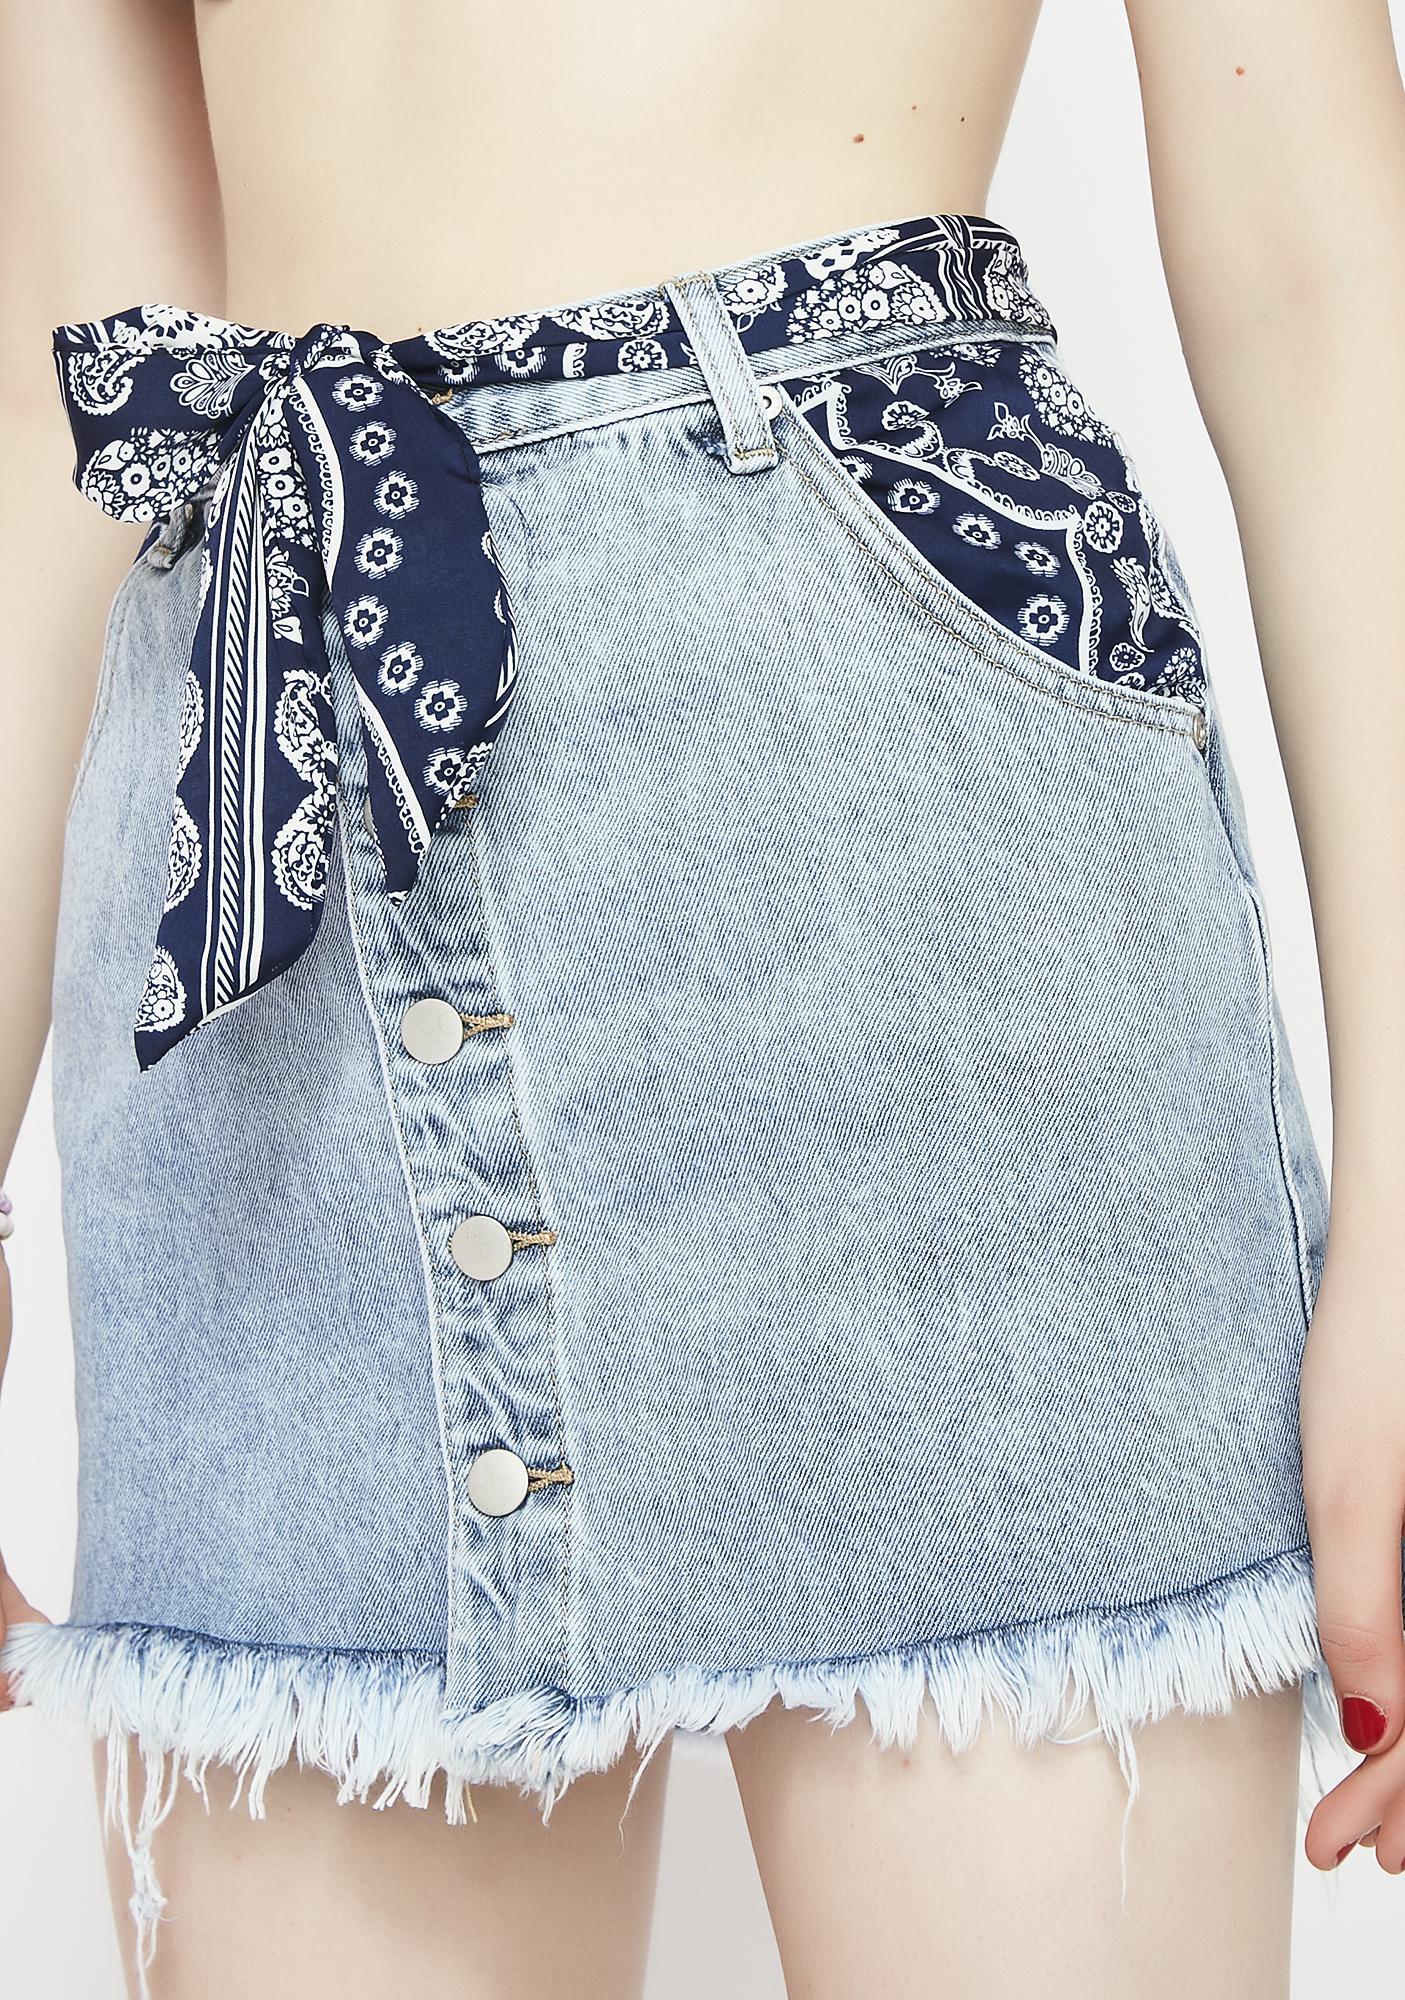 Glamorous Free Roamin' Denim Skirt